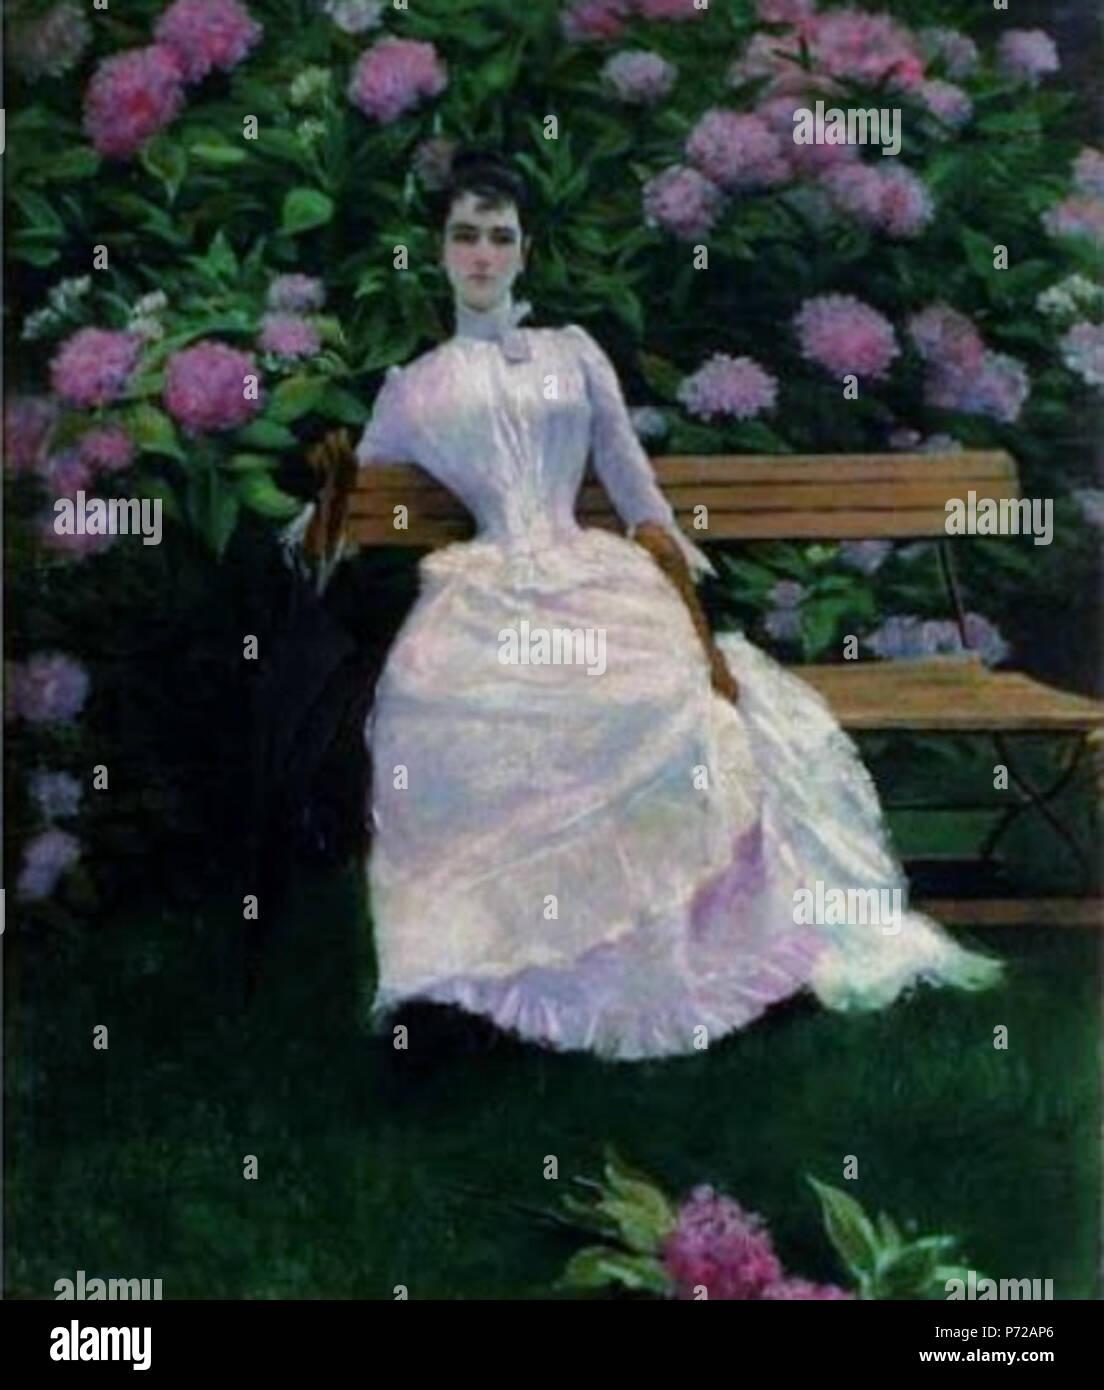 . Eugenia circa 1880 40 Errázuriz, José Tomás - Eugenia pintada por su marido -c1880 Imagen De Stock